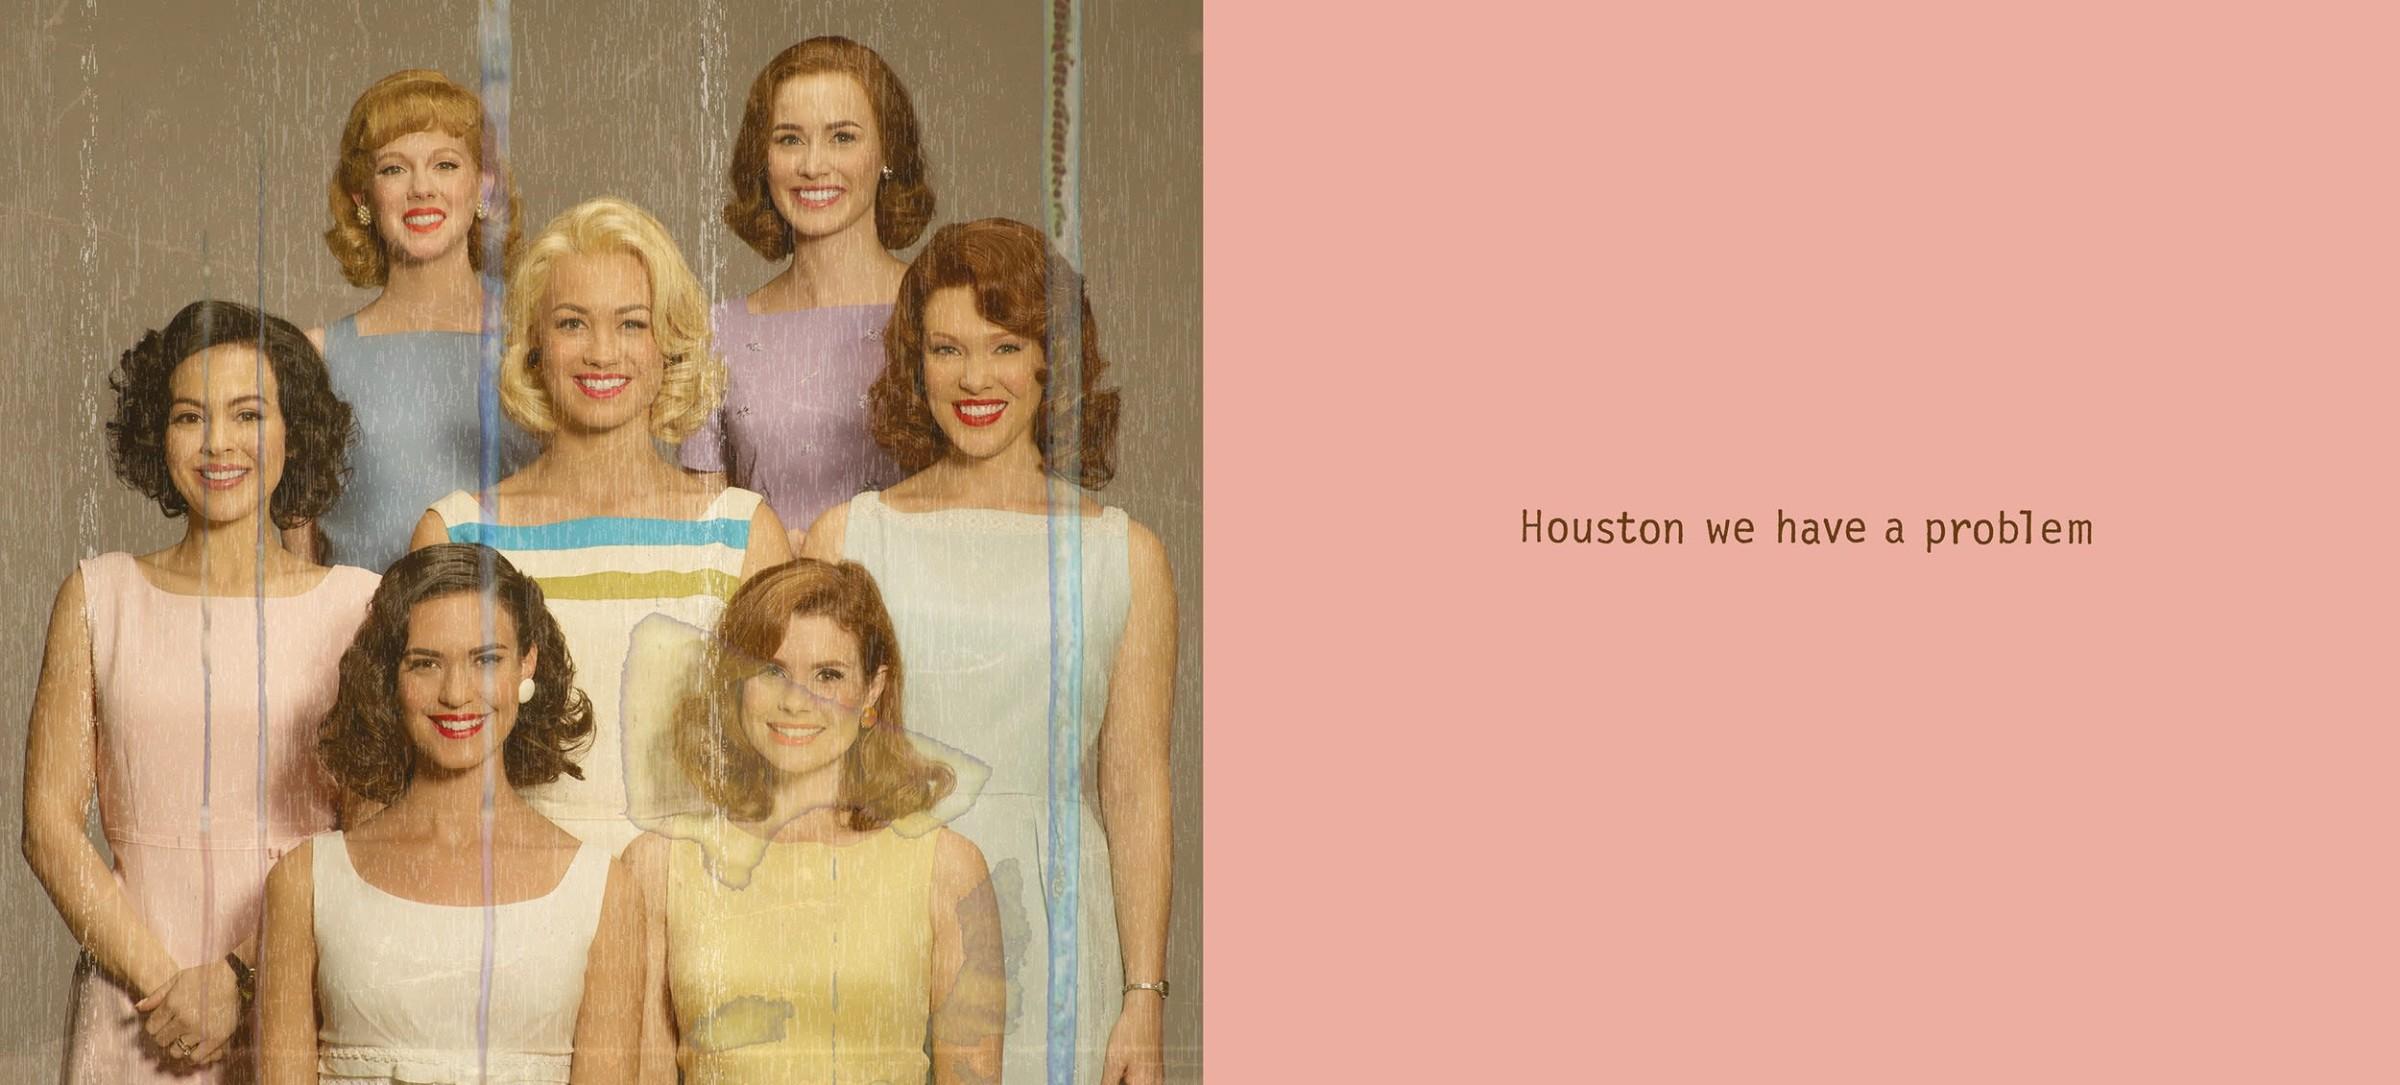 """<span class=""""link fancybox-details-link""""><a href=""""/exhibitions/23/works/artworks_standalone10646/"""">View Detail Page</a></span><div class=""""artist""""><span class=""""artist""""><strong>Gordon Ellis-Brown ARE</strong></span></div><div class=""""title""""><em>Final Frontier (Houston We Have A Problem)</em></div><div class=""""medium"""">archival pigment print</div><div class=""""dimensions"""">25 x 50cm paper size<br>15 x 40cm image size</div><div class=""""edition_details"""">edition of 10</div>"""